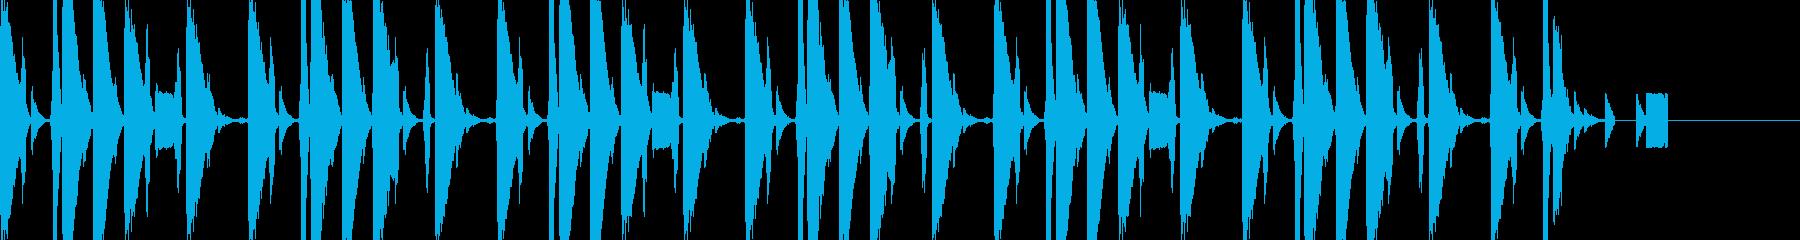 おしゃれなイントロBGMの再生済みの波形